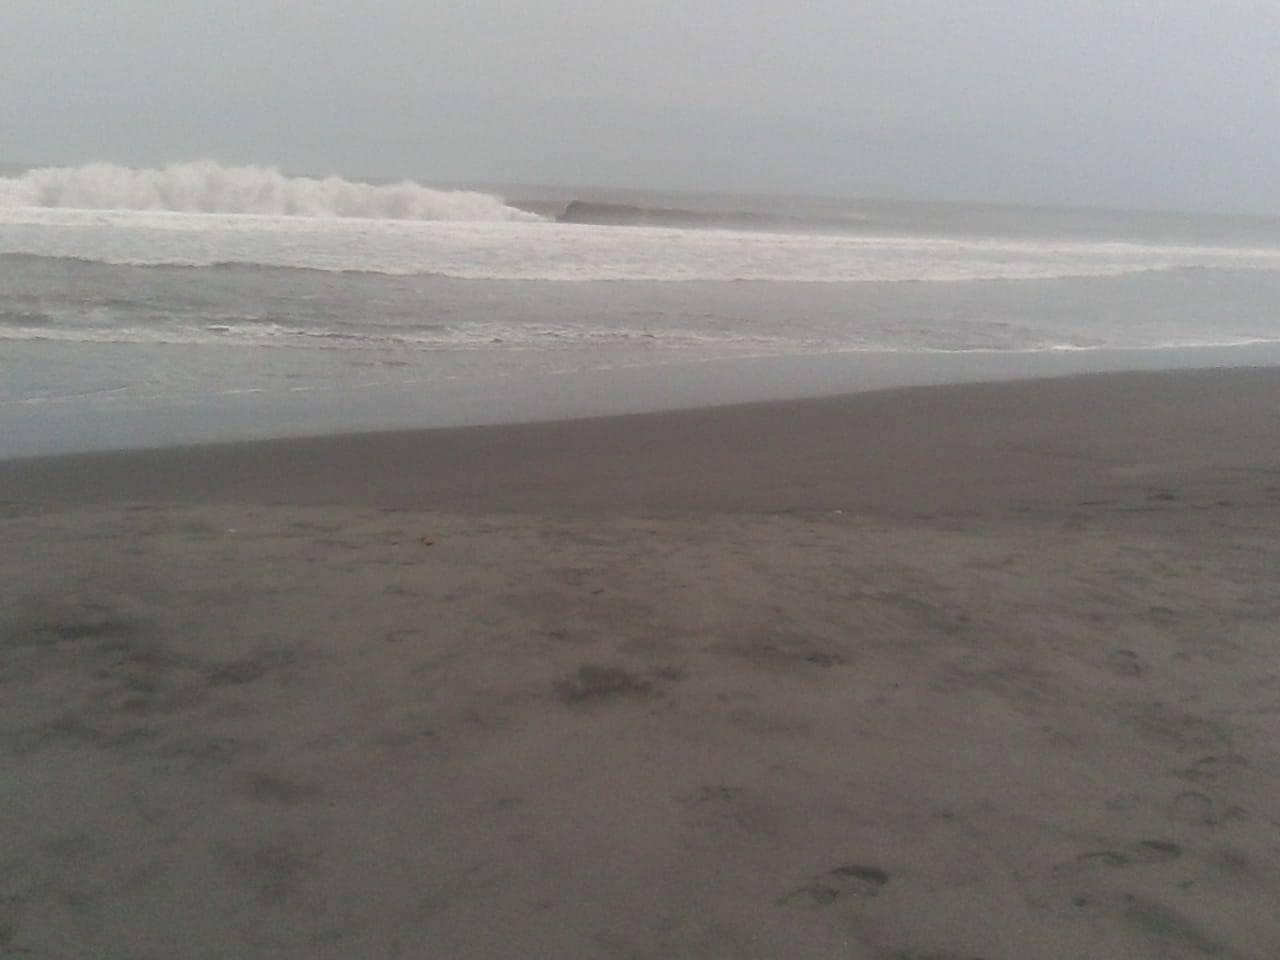 Finaliza alerta de tsunami para Guatemala tras terremoto en islas Kermadec